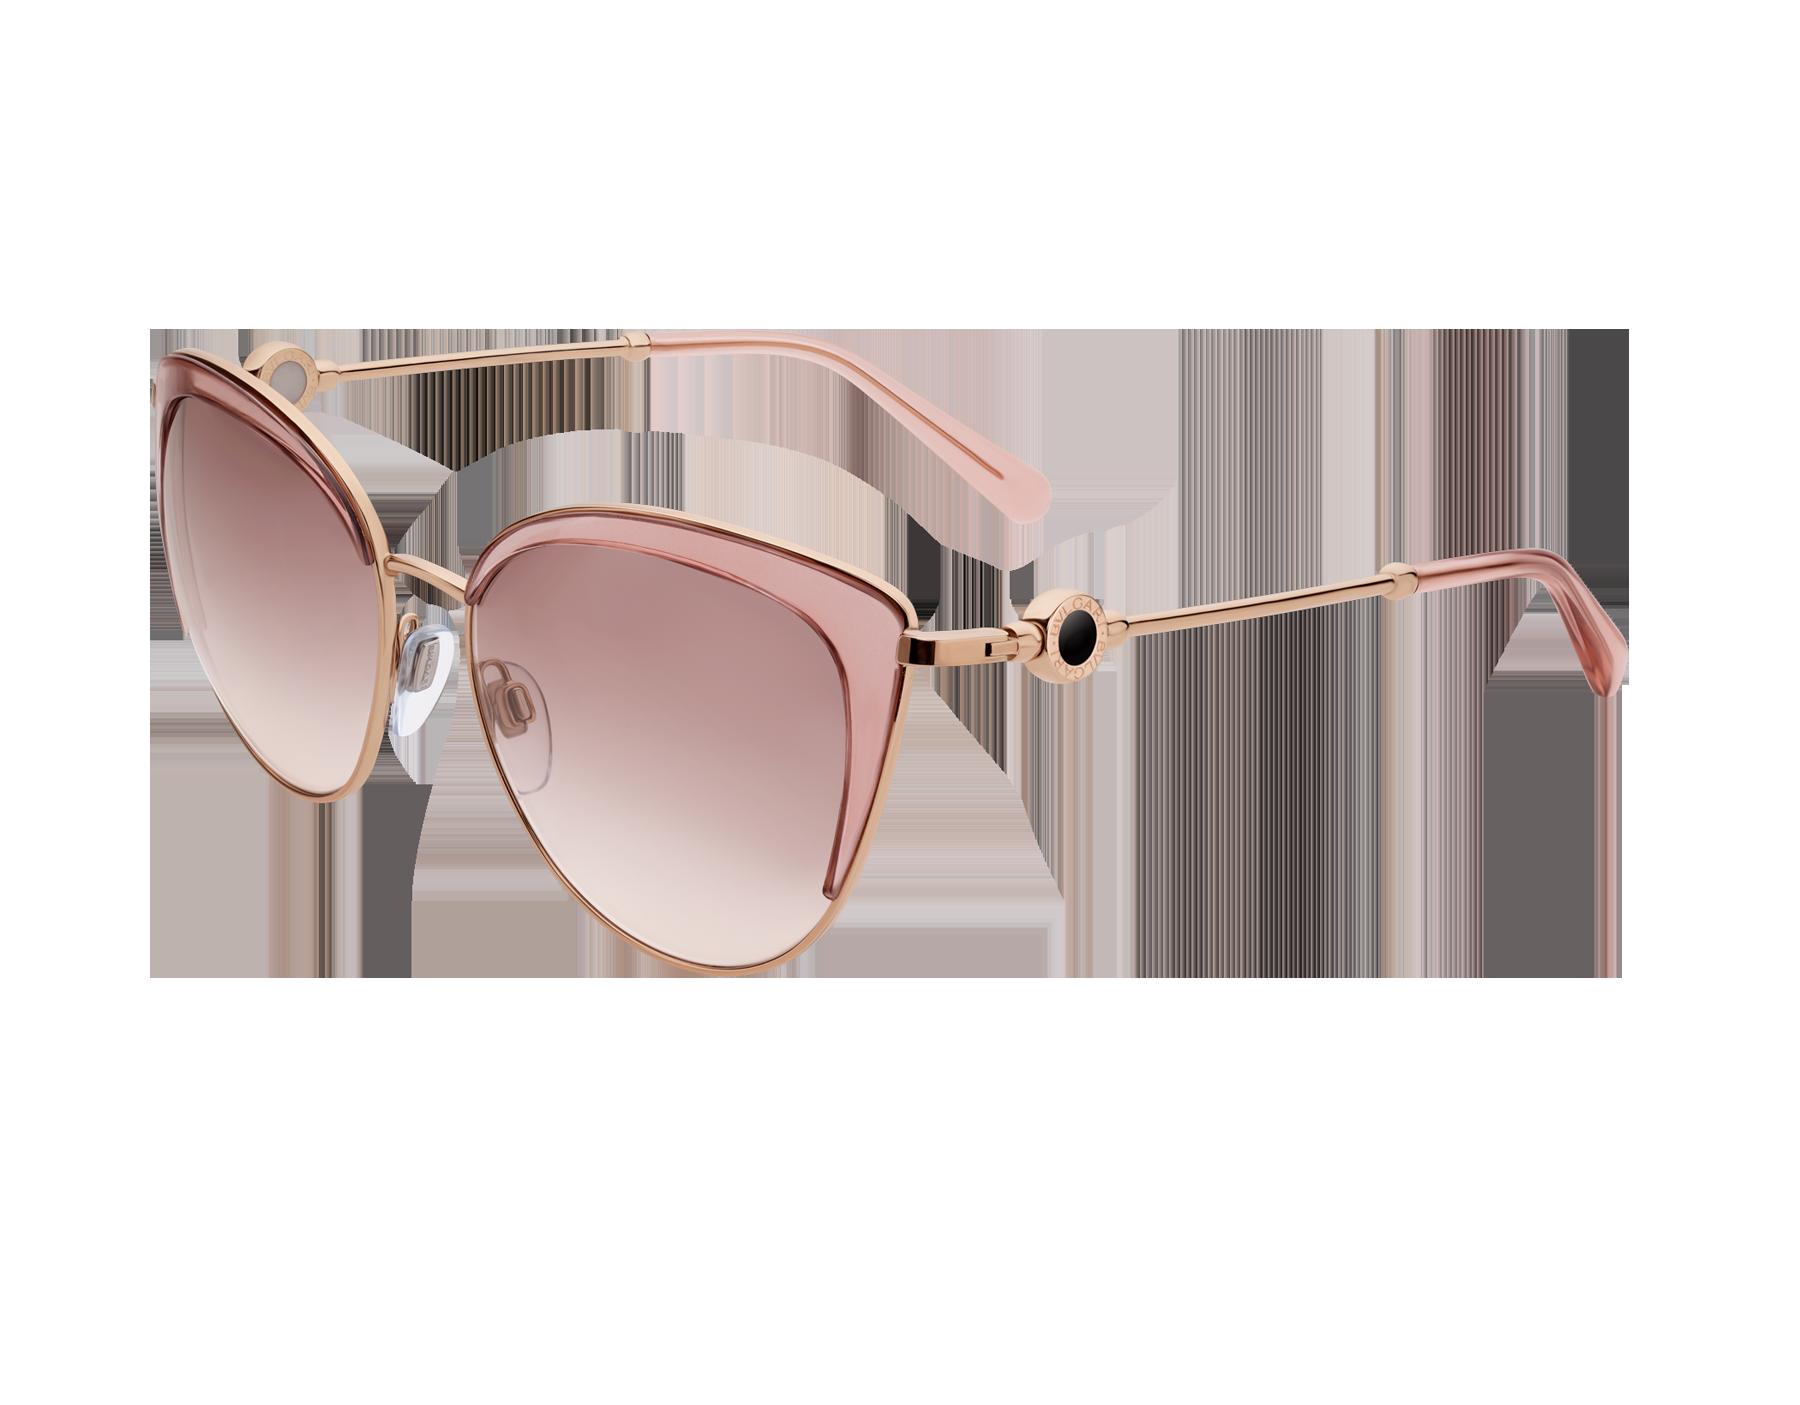 BVLGARIBVLGARI Sunglasses.